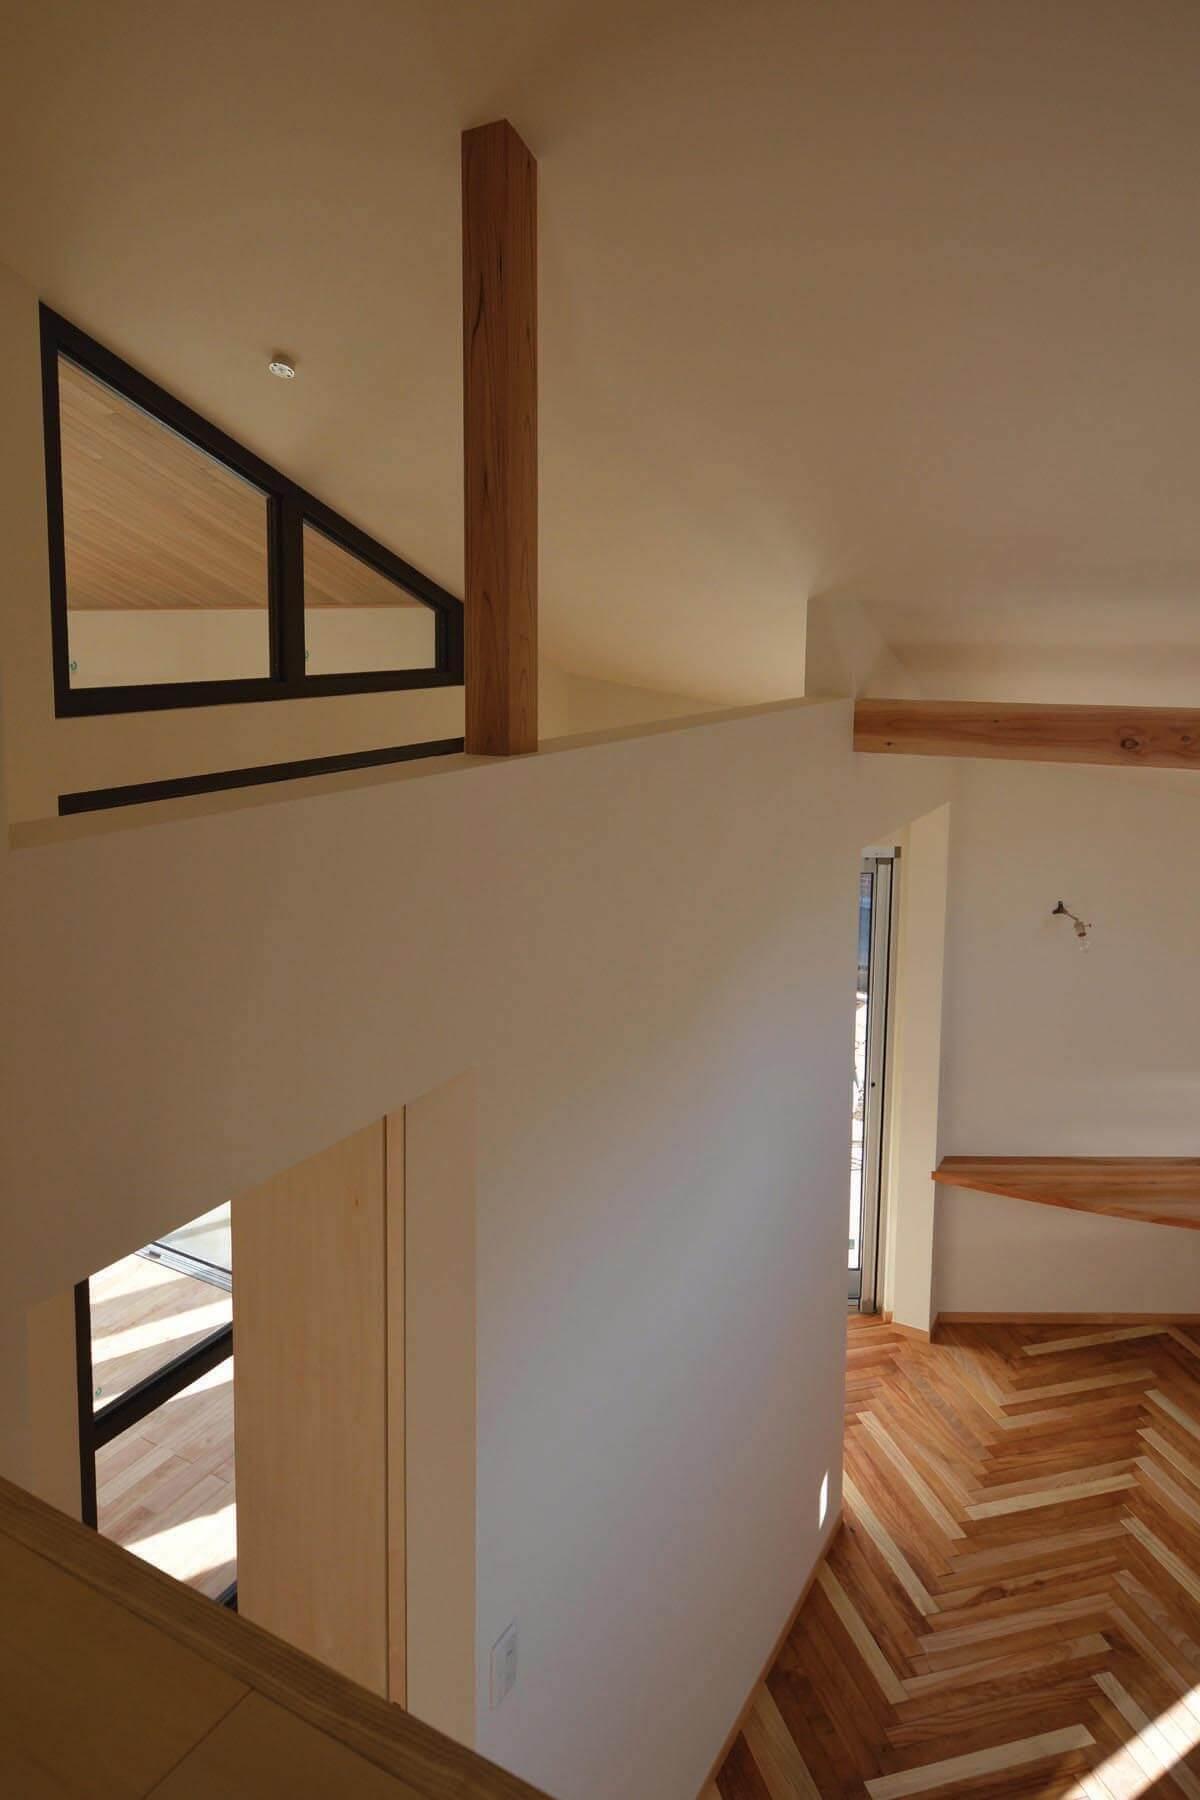 緑区A邸のロフトから奥様の趣味室そして黒内窓を通してダイニングのカシ木張り天井への眺め